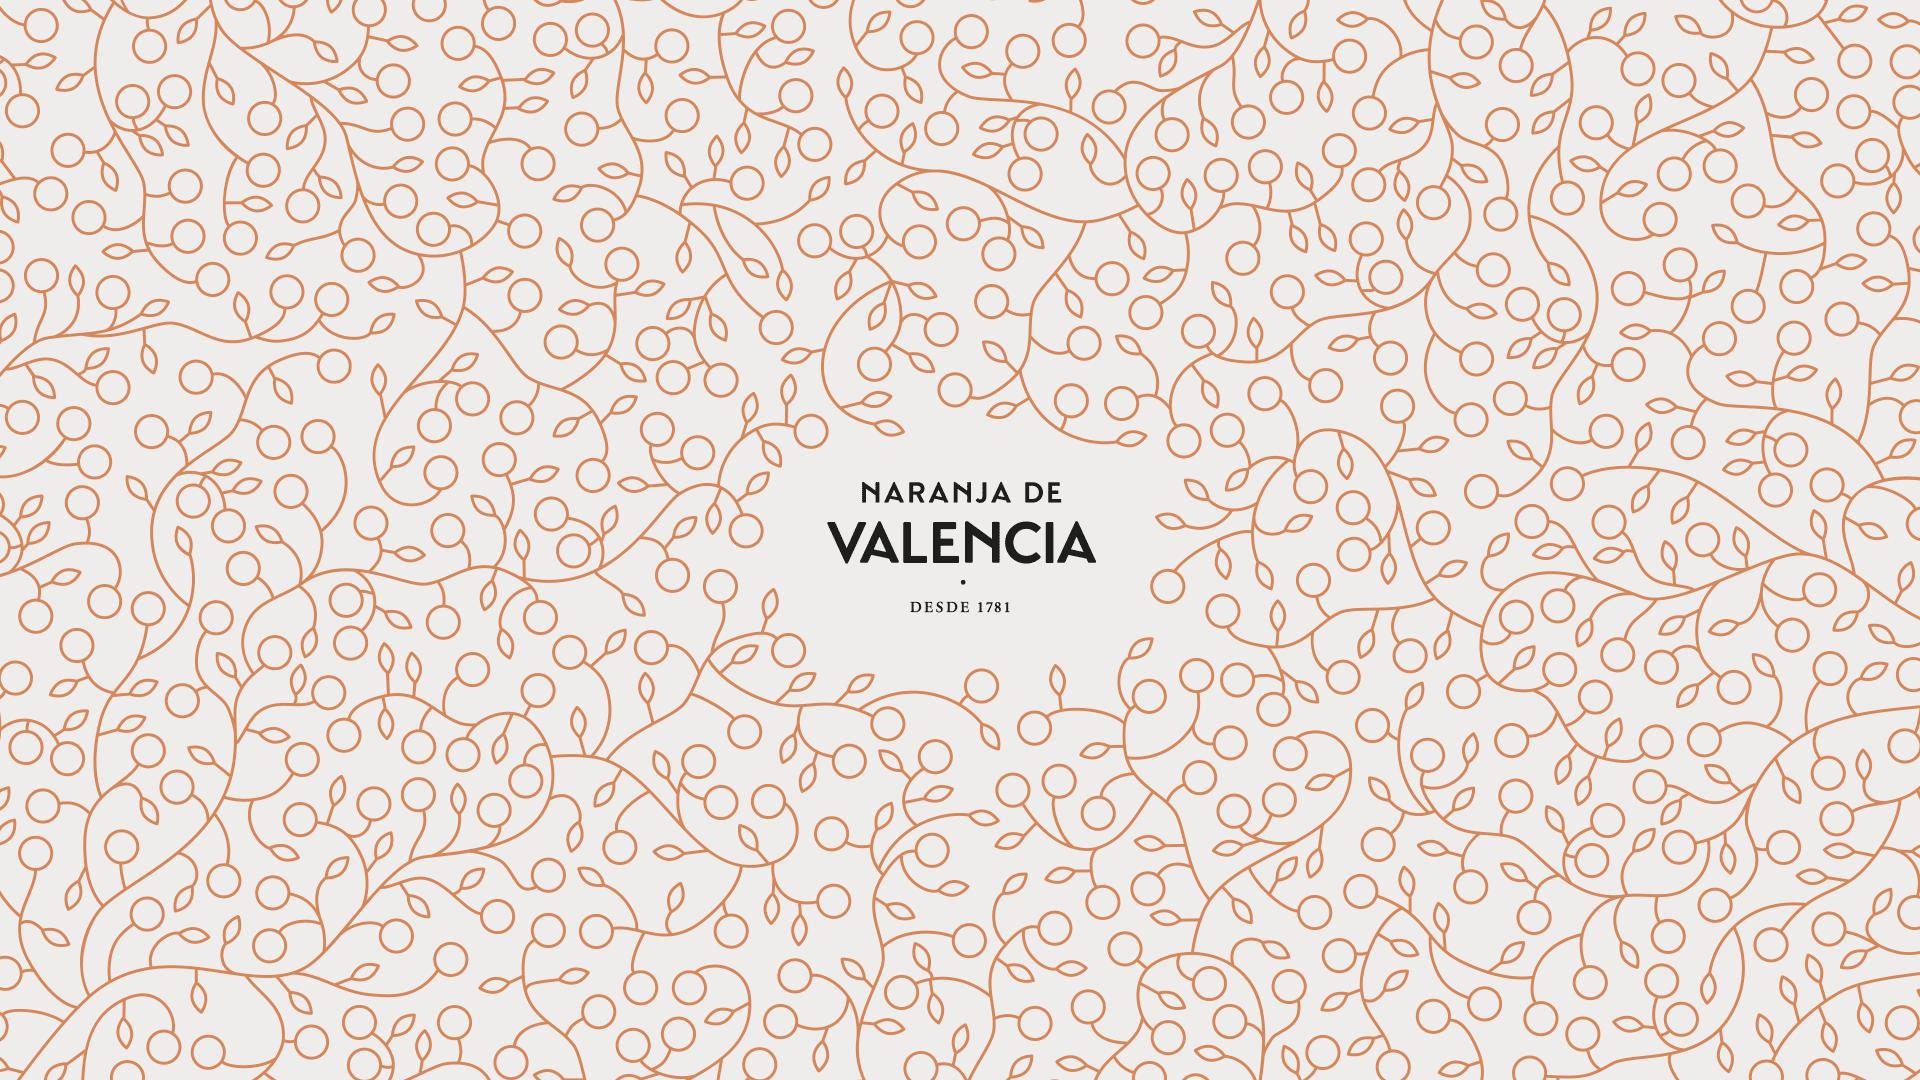 Naranja de Valencia desde 1781